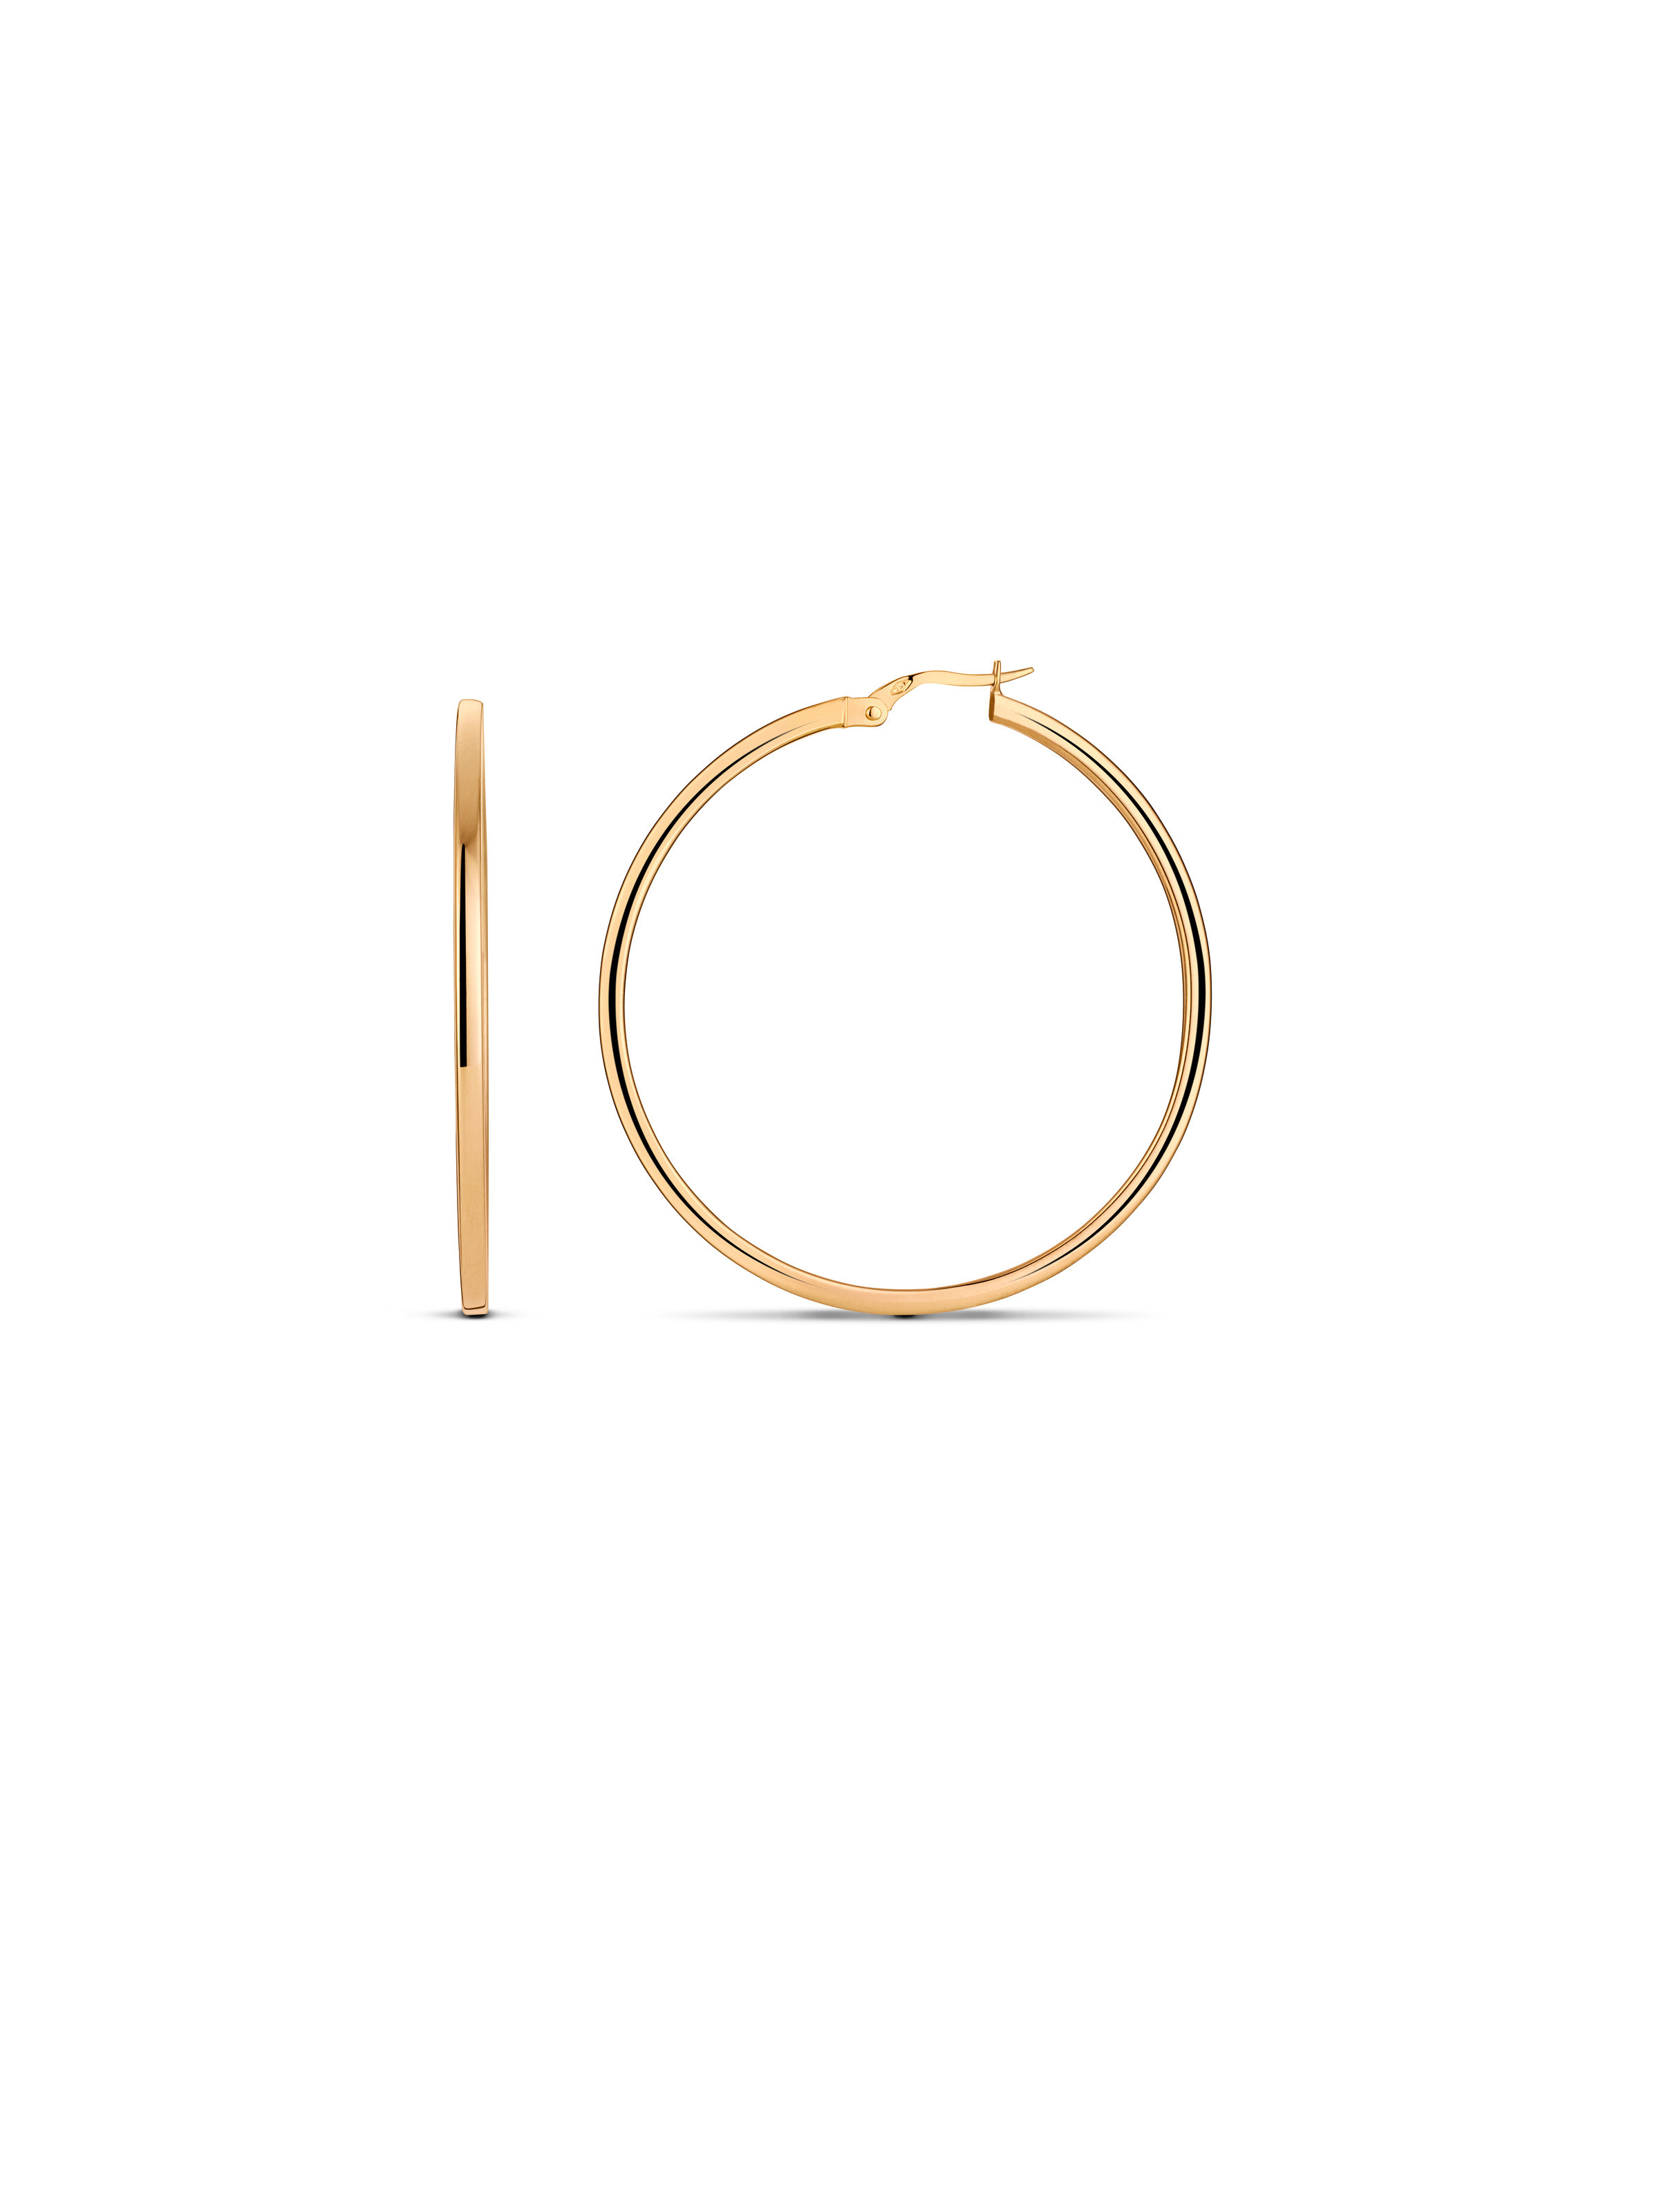 Minimalism hoop earrings